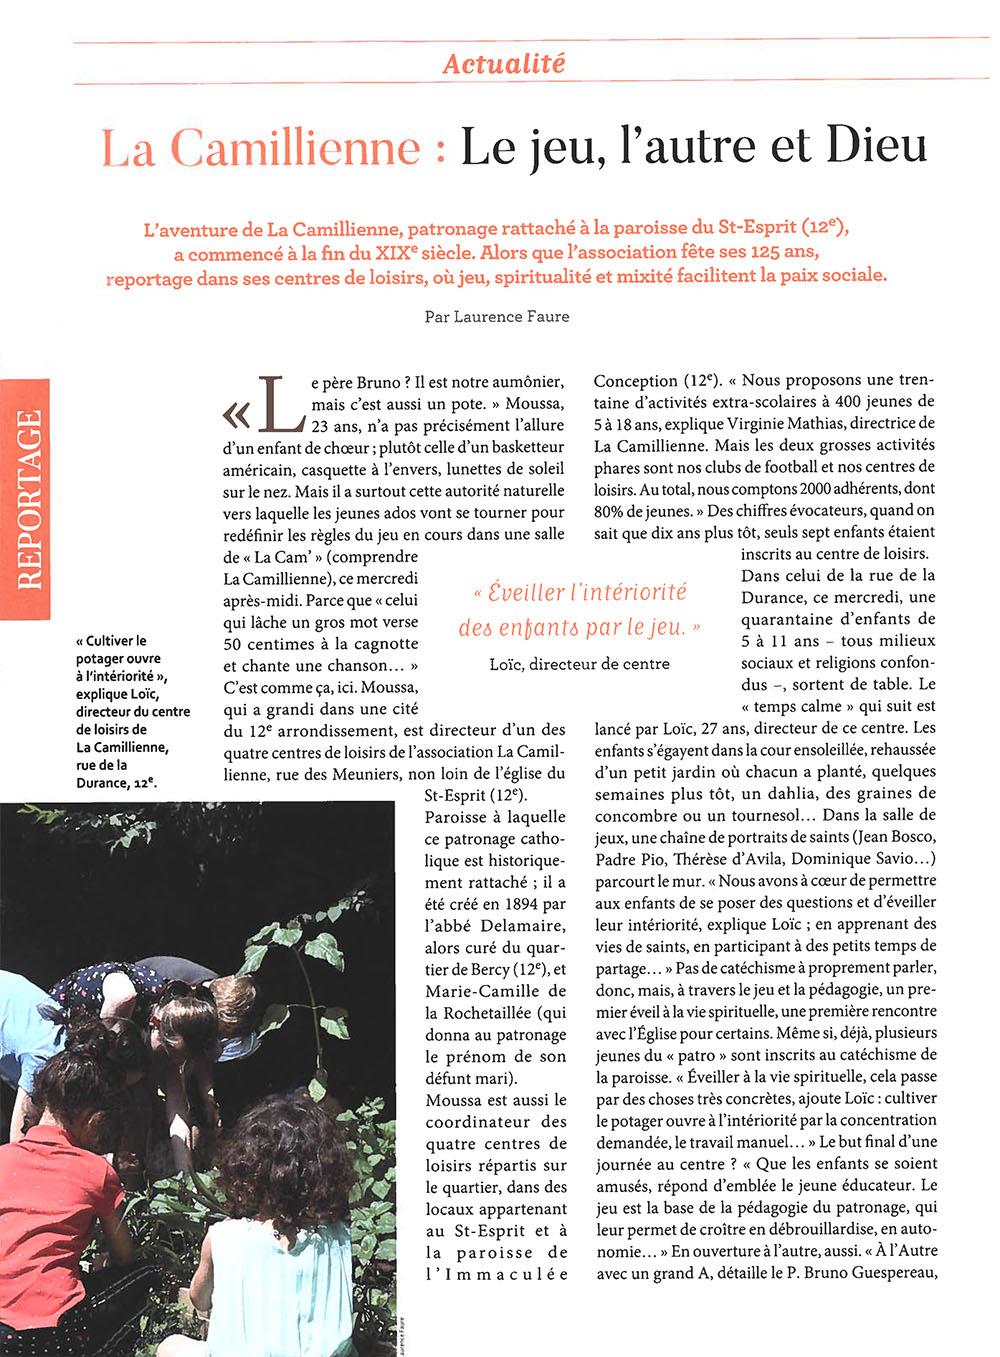 Reportage sur La Camillienne dans Paris Notre-Dame